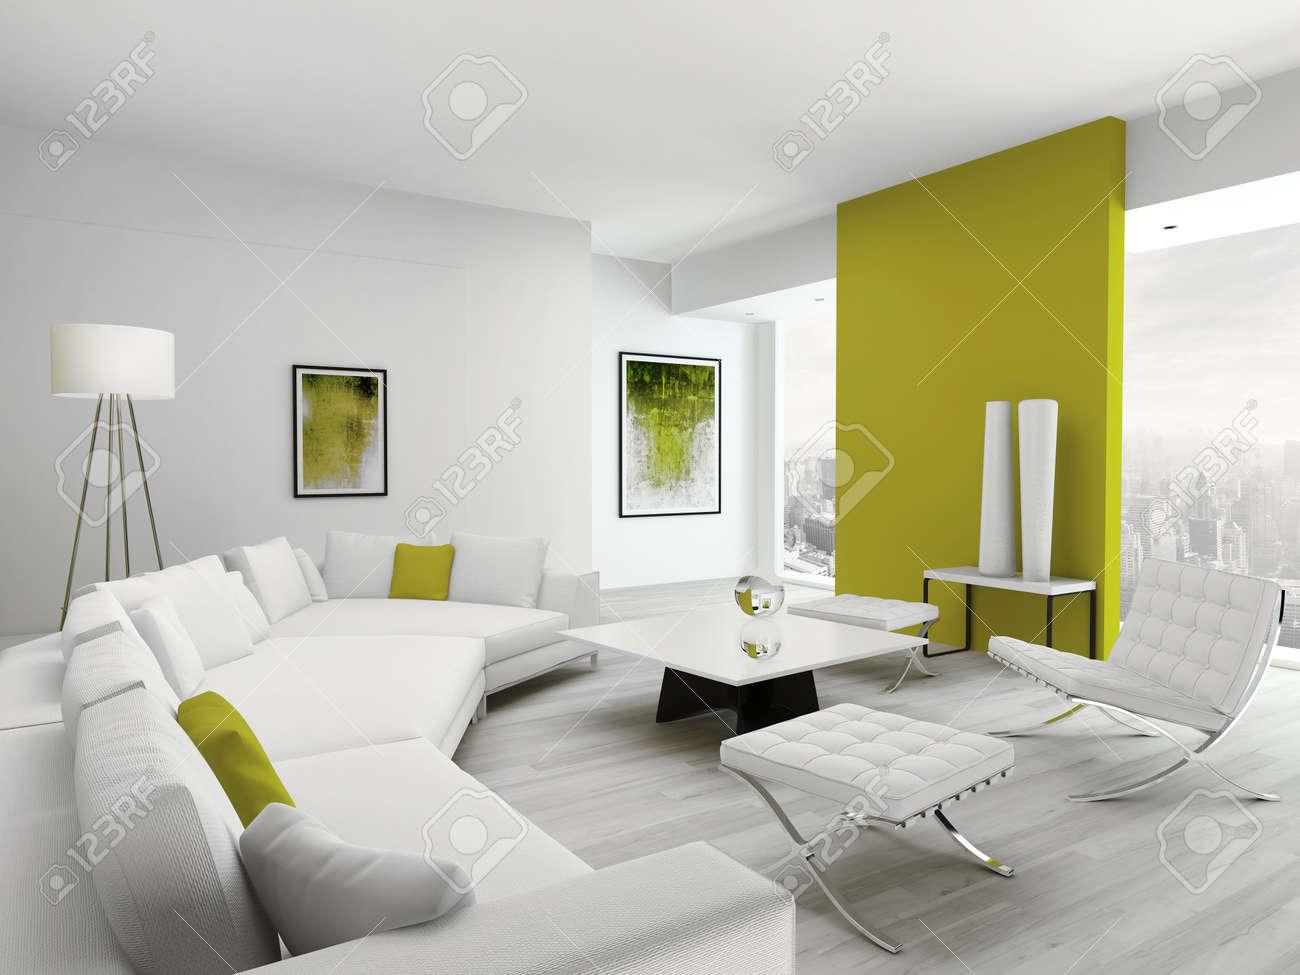 Top Design Case Interni. Good Come Arredare Una Casa Piccola Foto  PY17